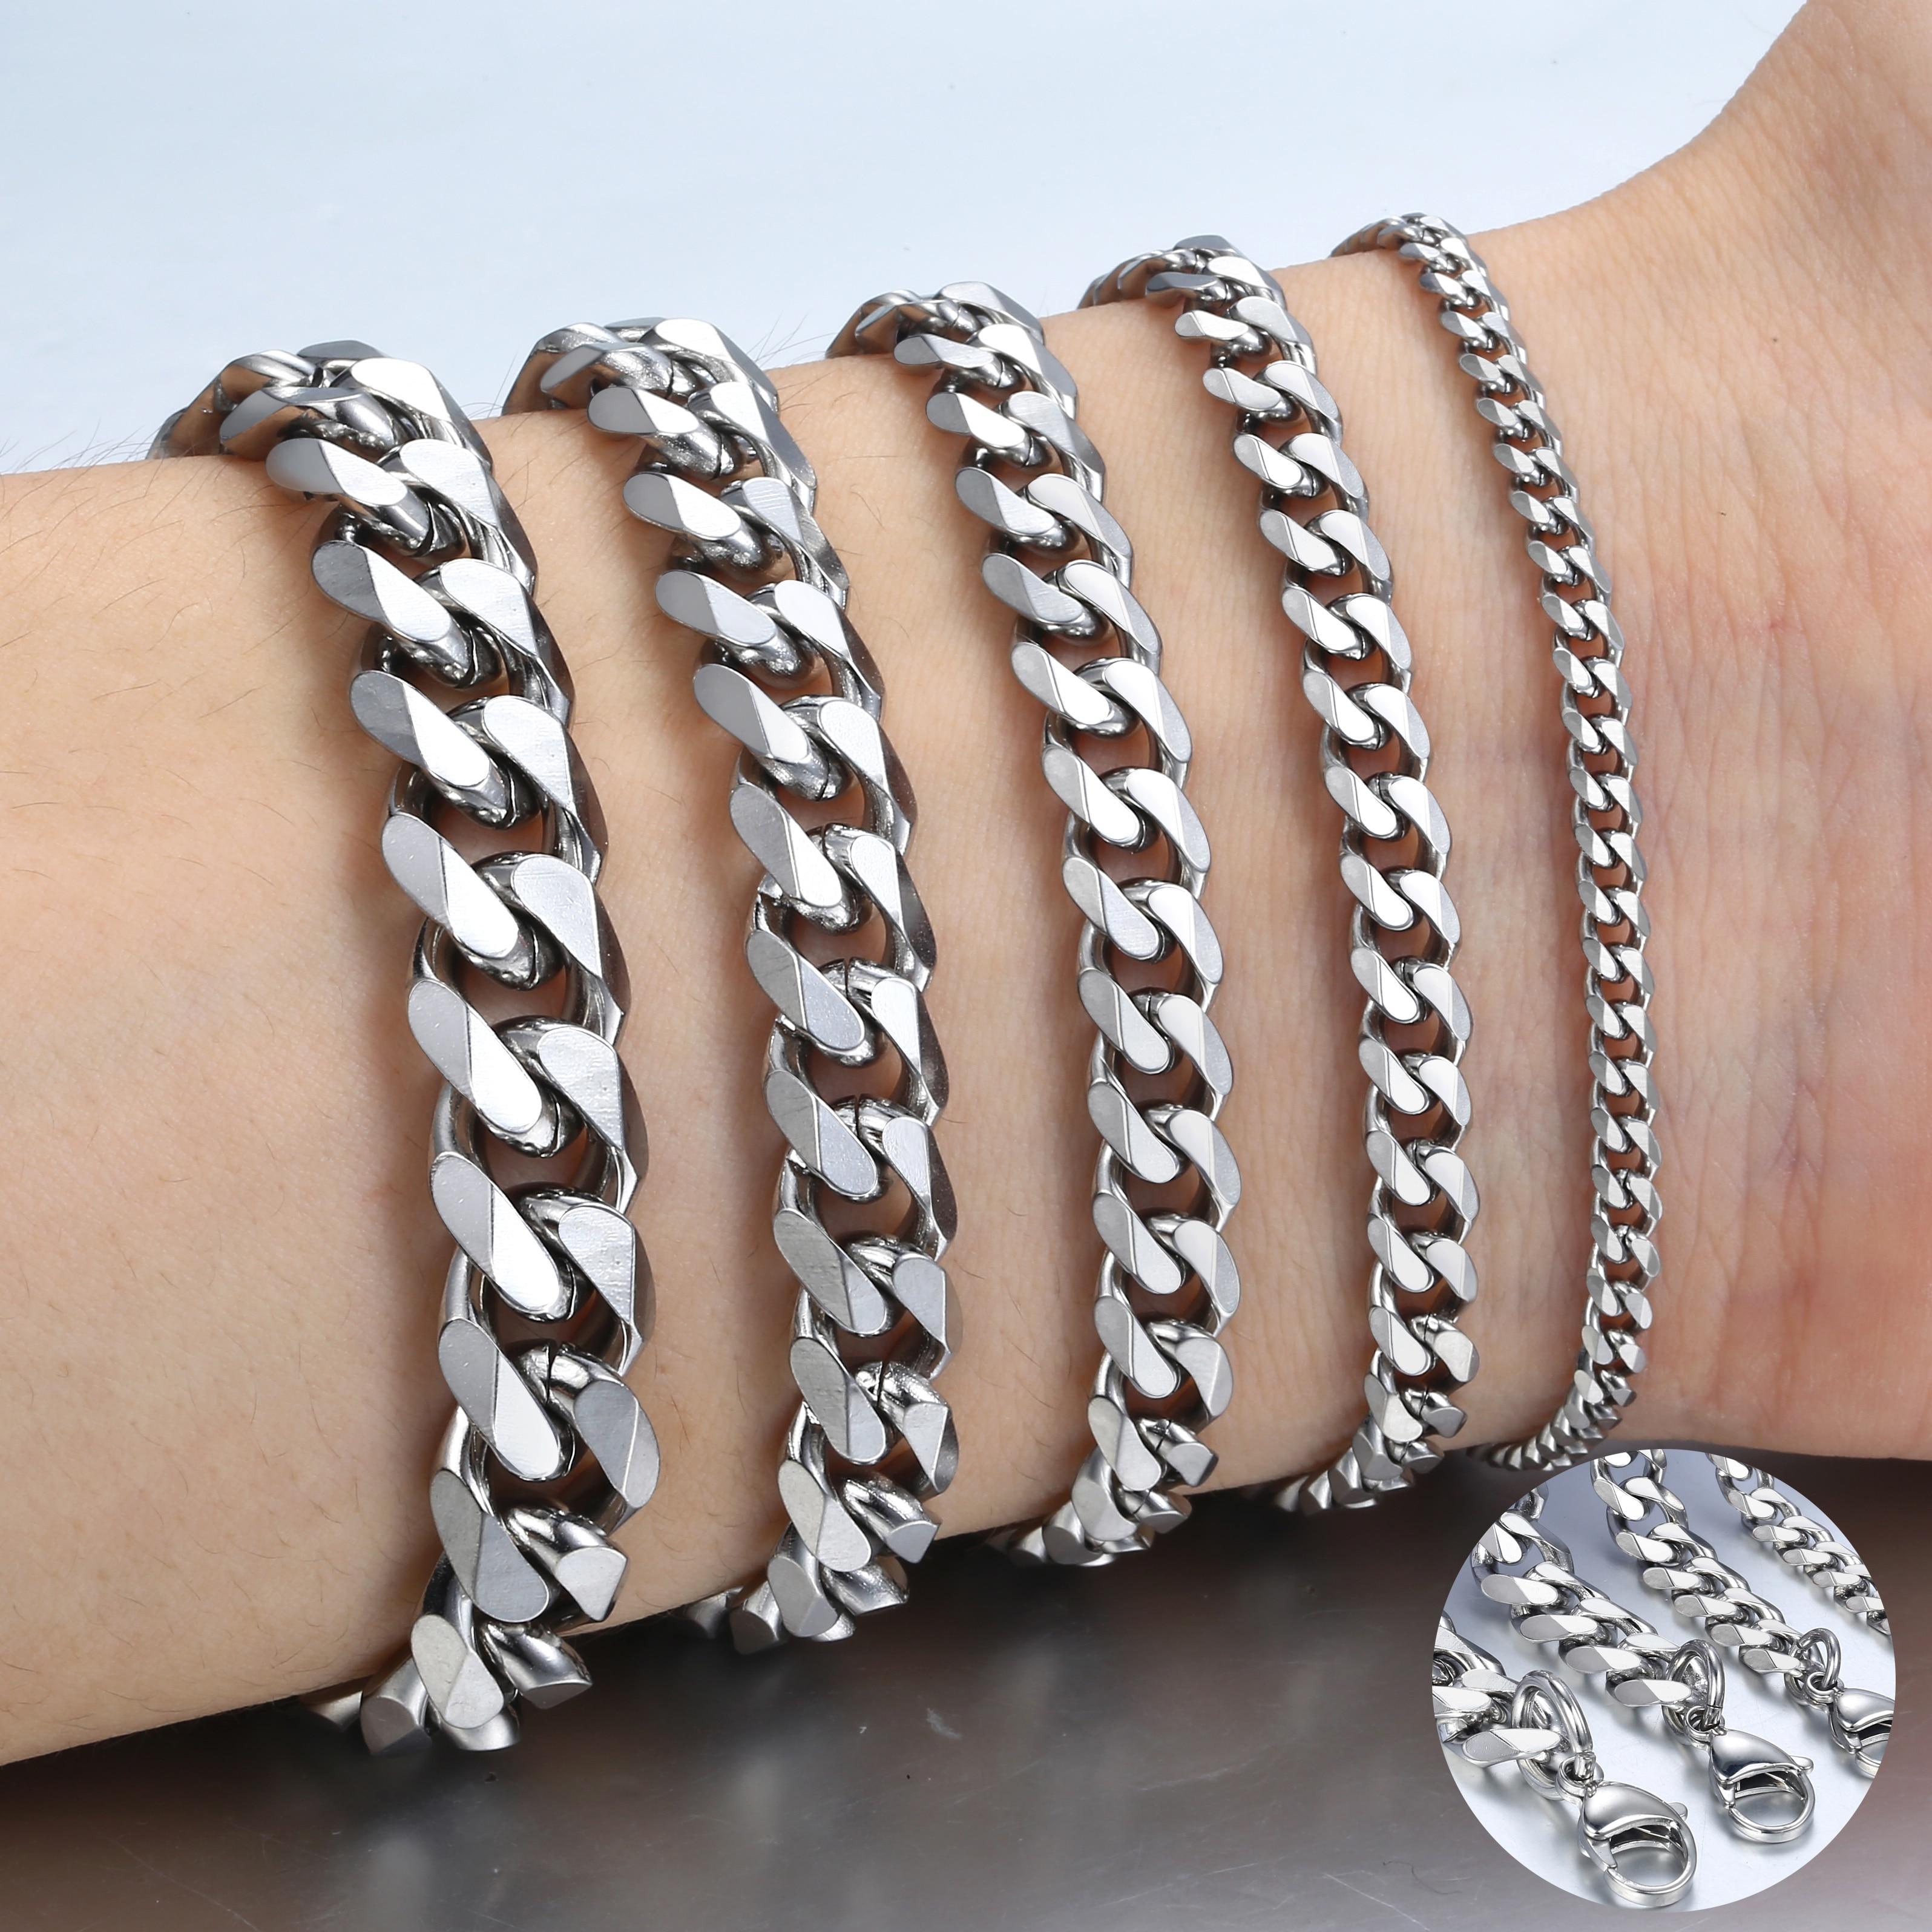 Pulsera de acero inoxidable para hombres y mujeres, pulsera de oro negro de Color plateado cubano para hombres, joyería de moda Davieslee LKBM03|Brazaletes de cadena y enlaces|   - AliExpress